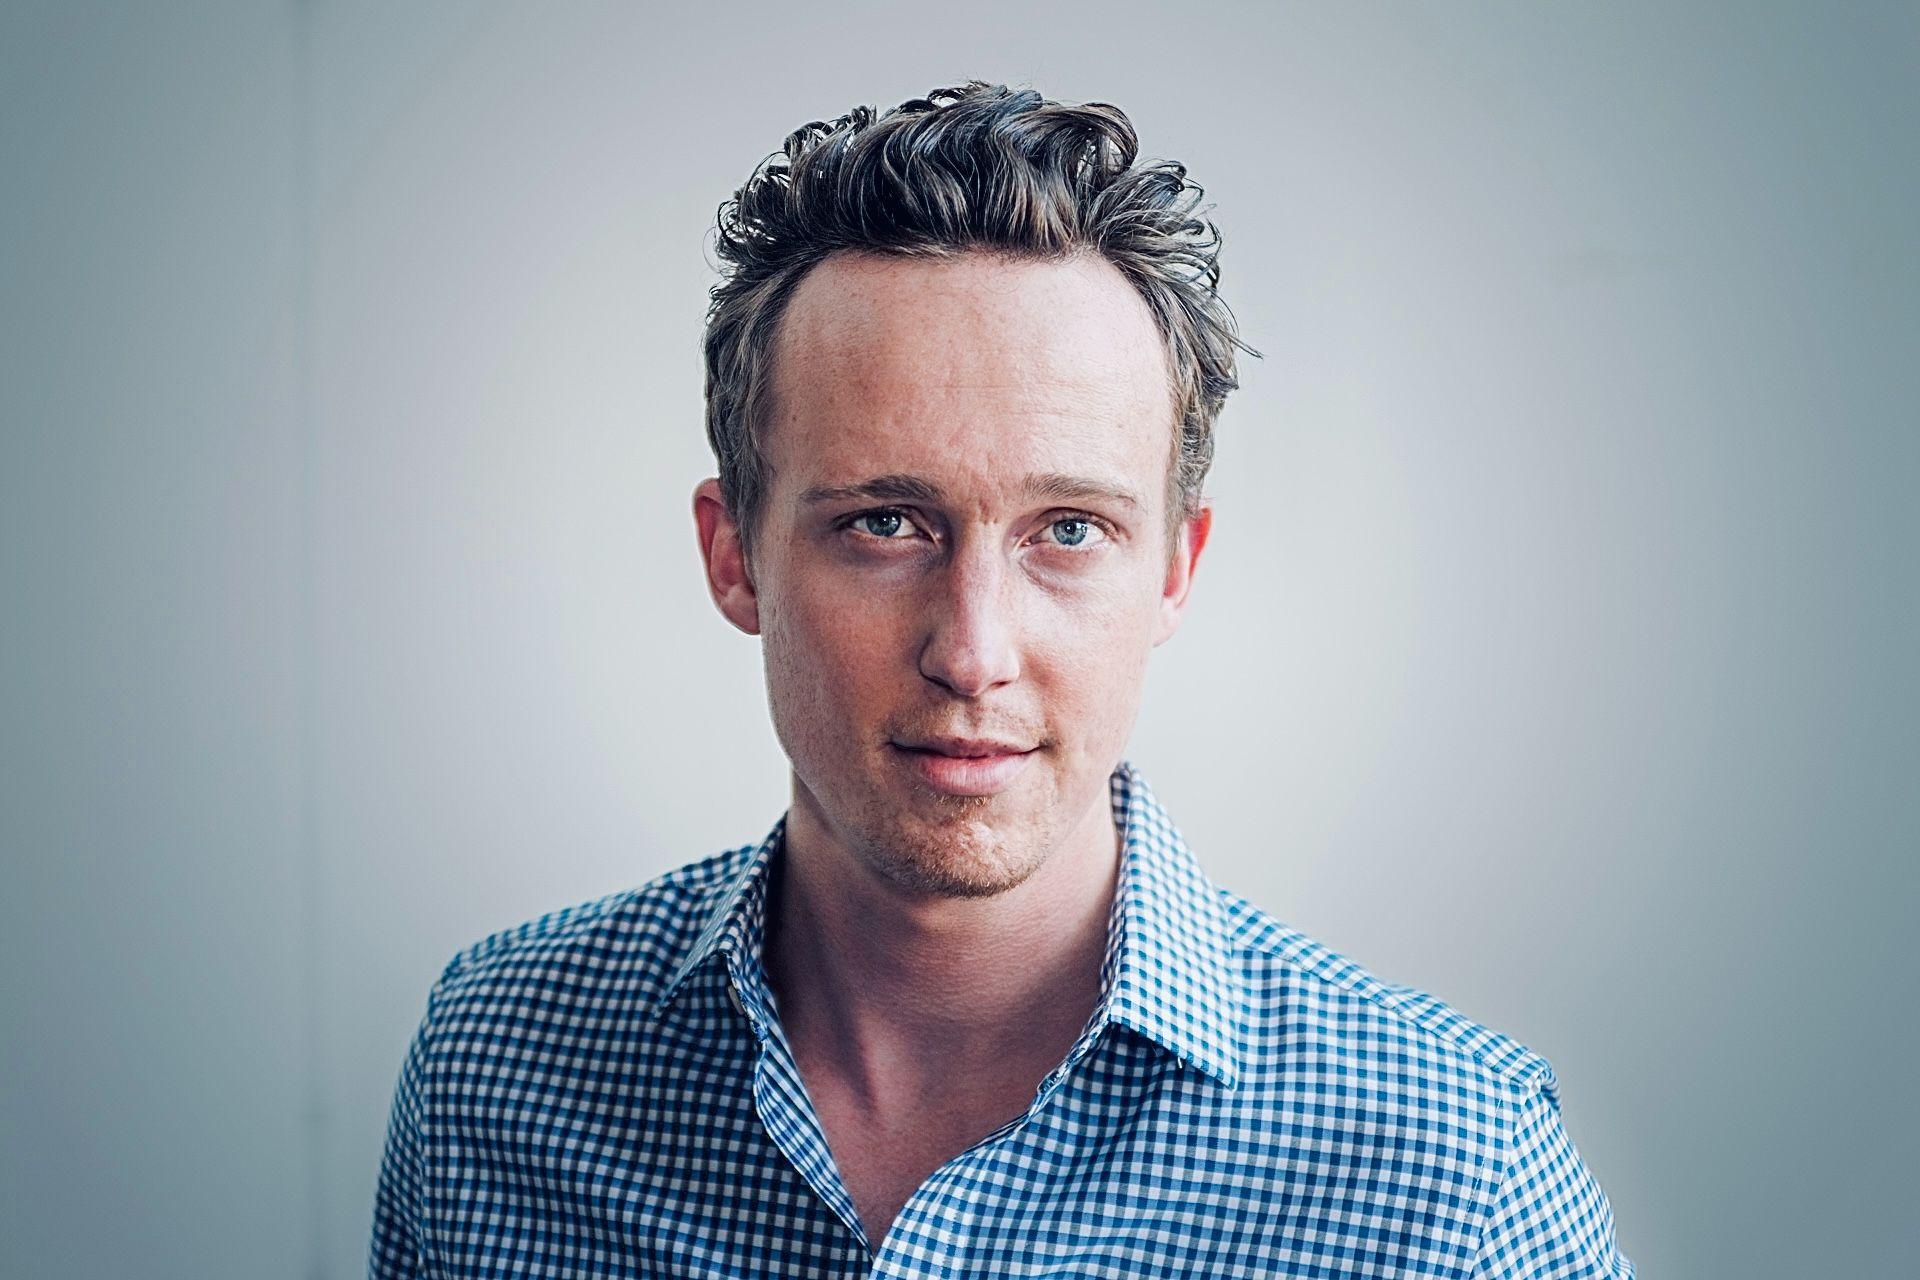 Darragh Grove-White Hacker Noon profile picture